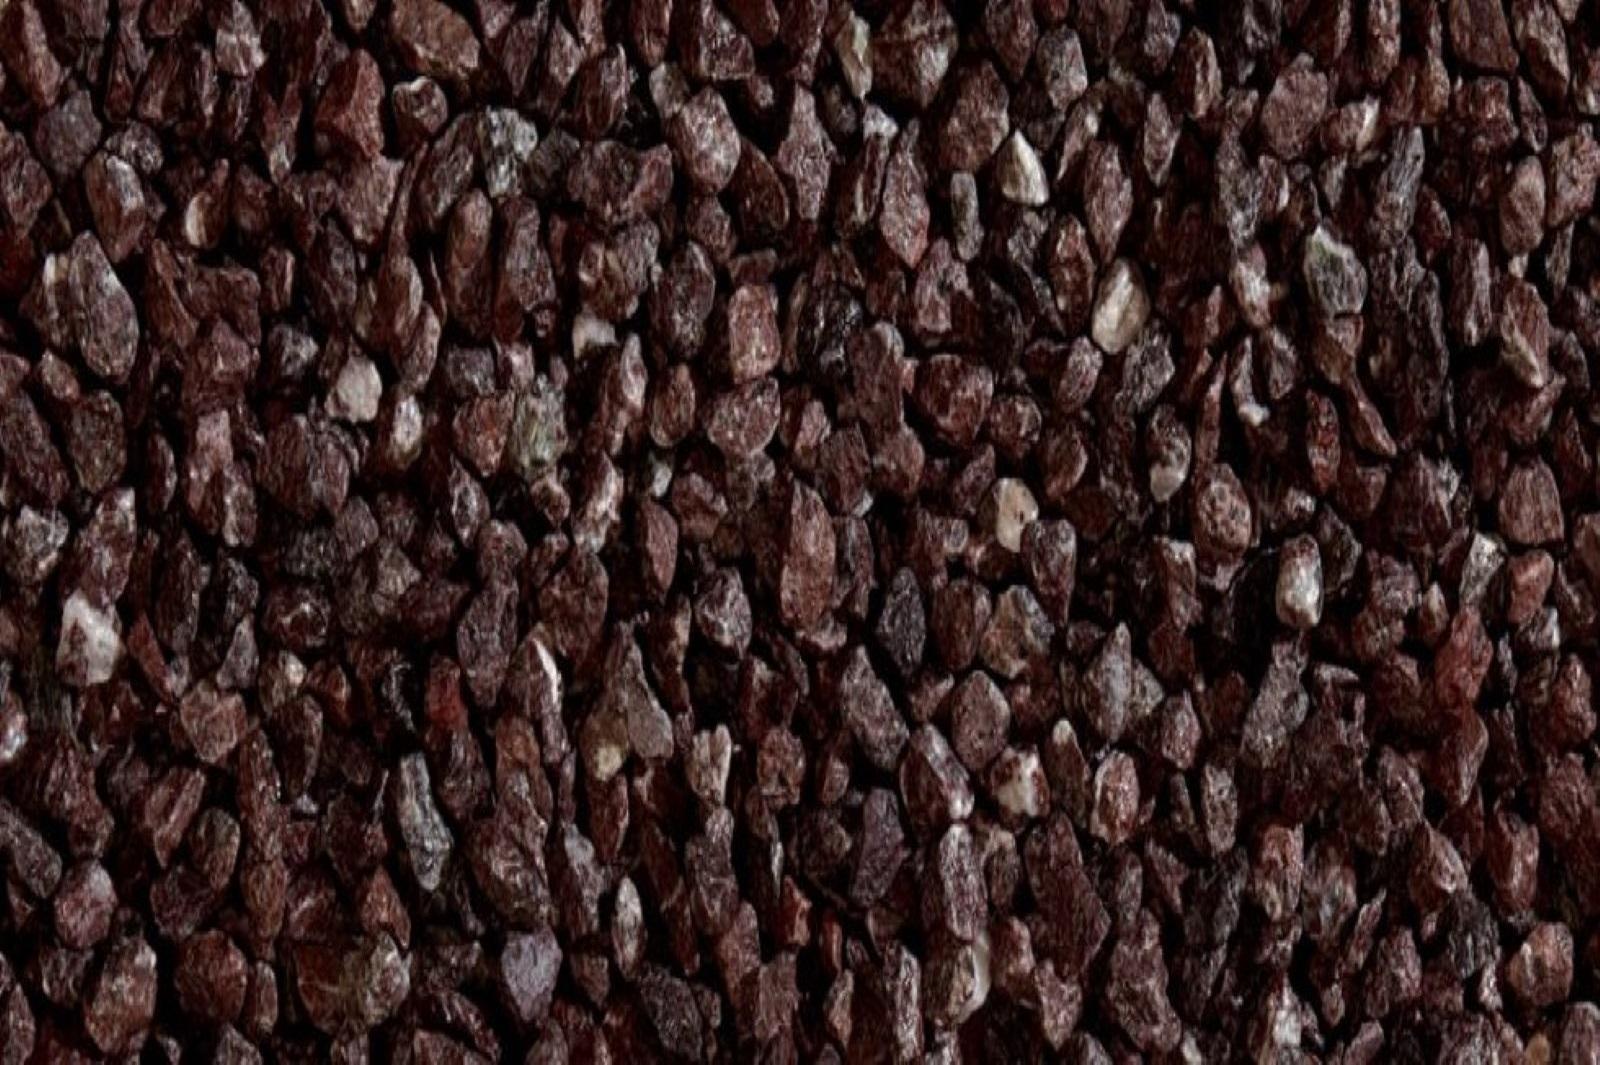 Gartensplitt Ziersplitt Porfido Rosso Granulat  dunkelrot 12-16 mm 25 kg